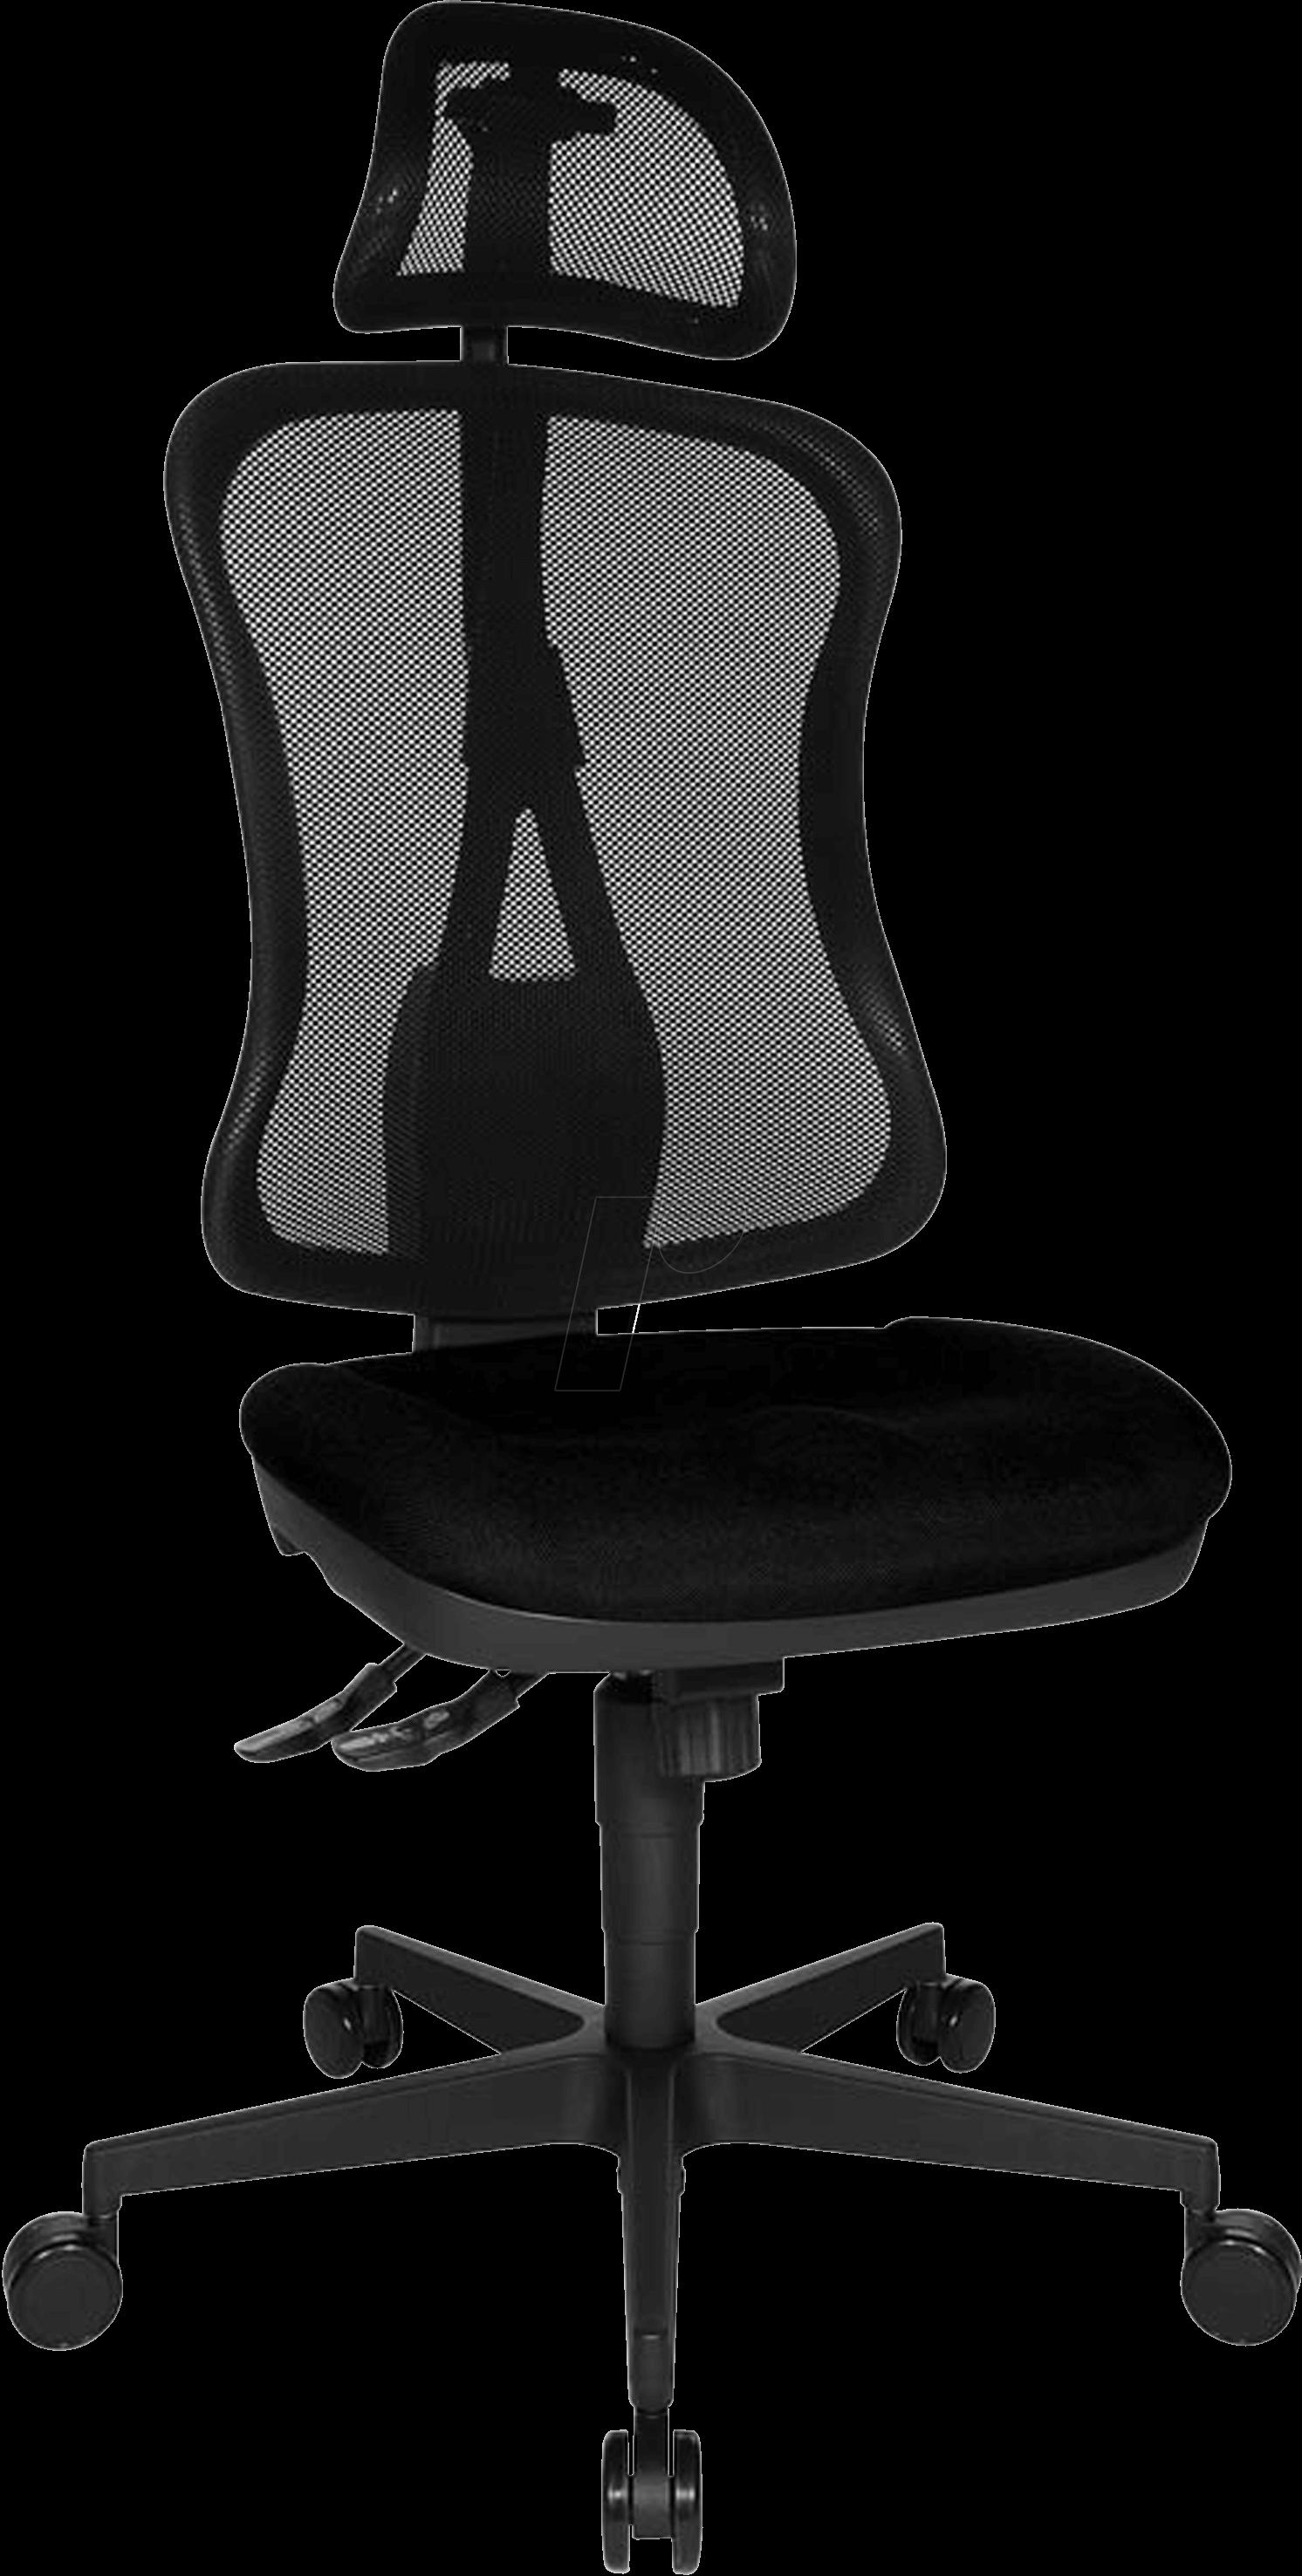 Topstar Head Point Sy Office Chair Black Topstar He Gx